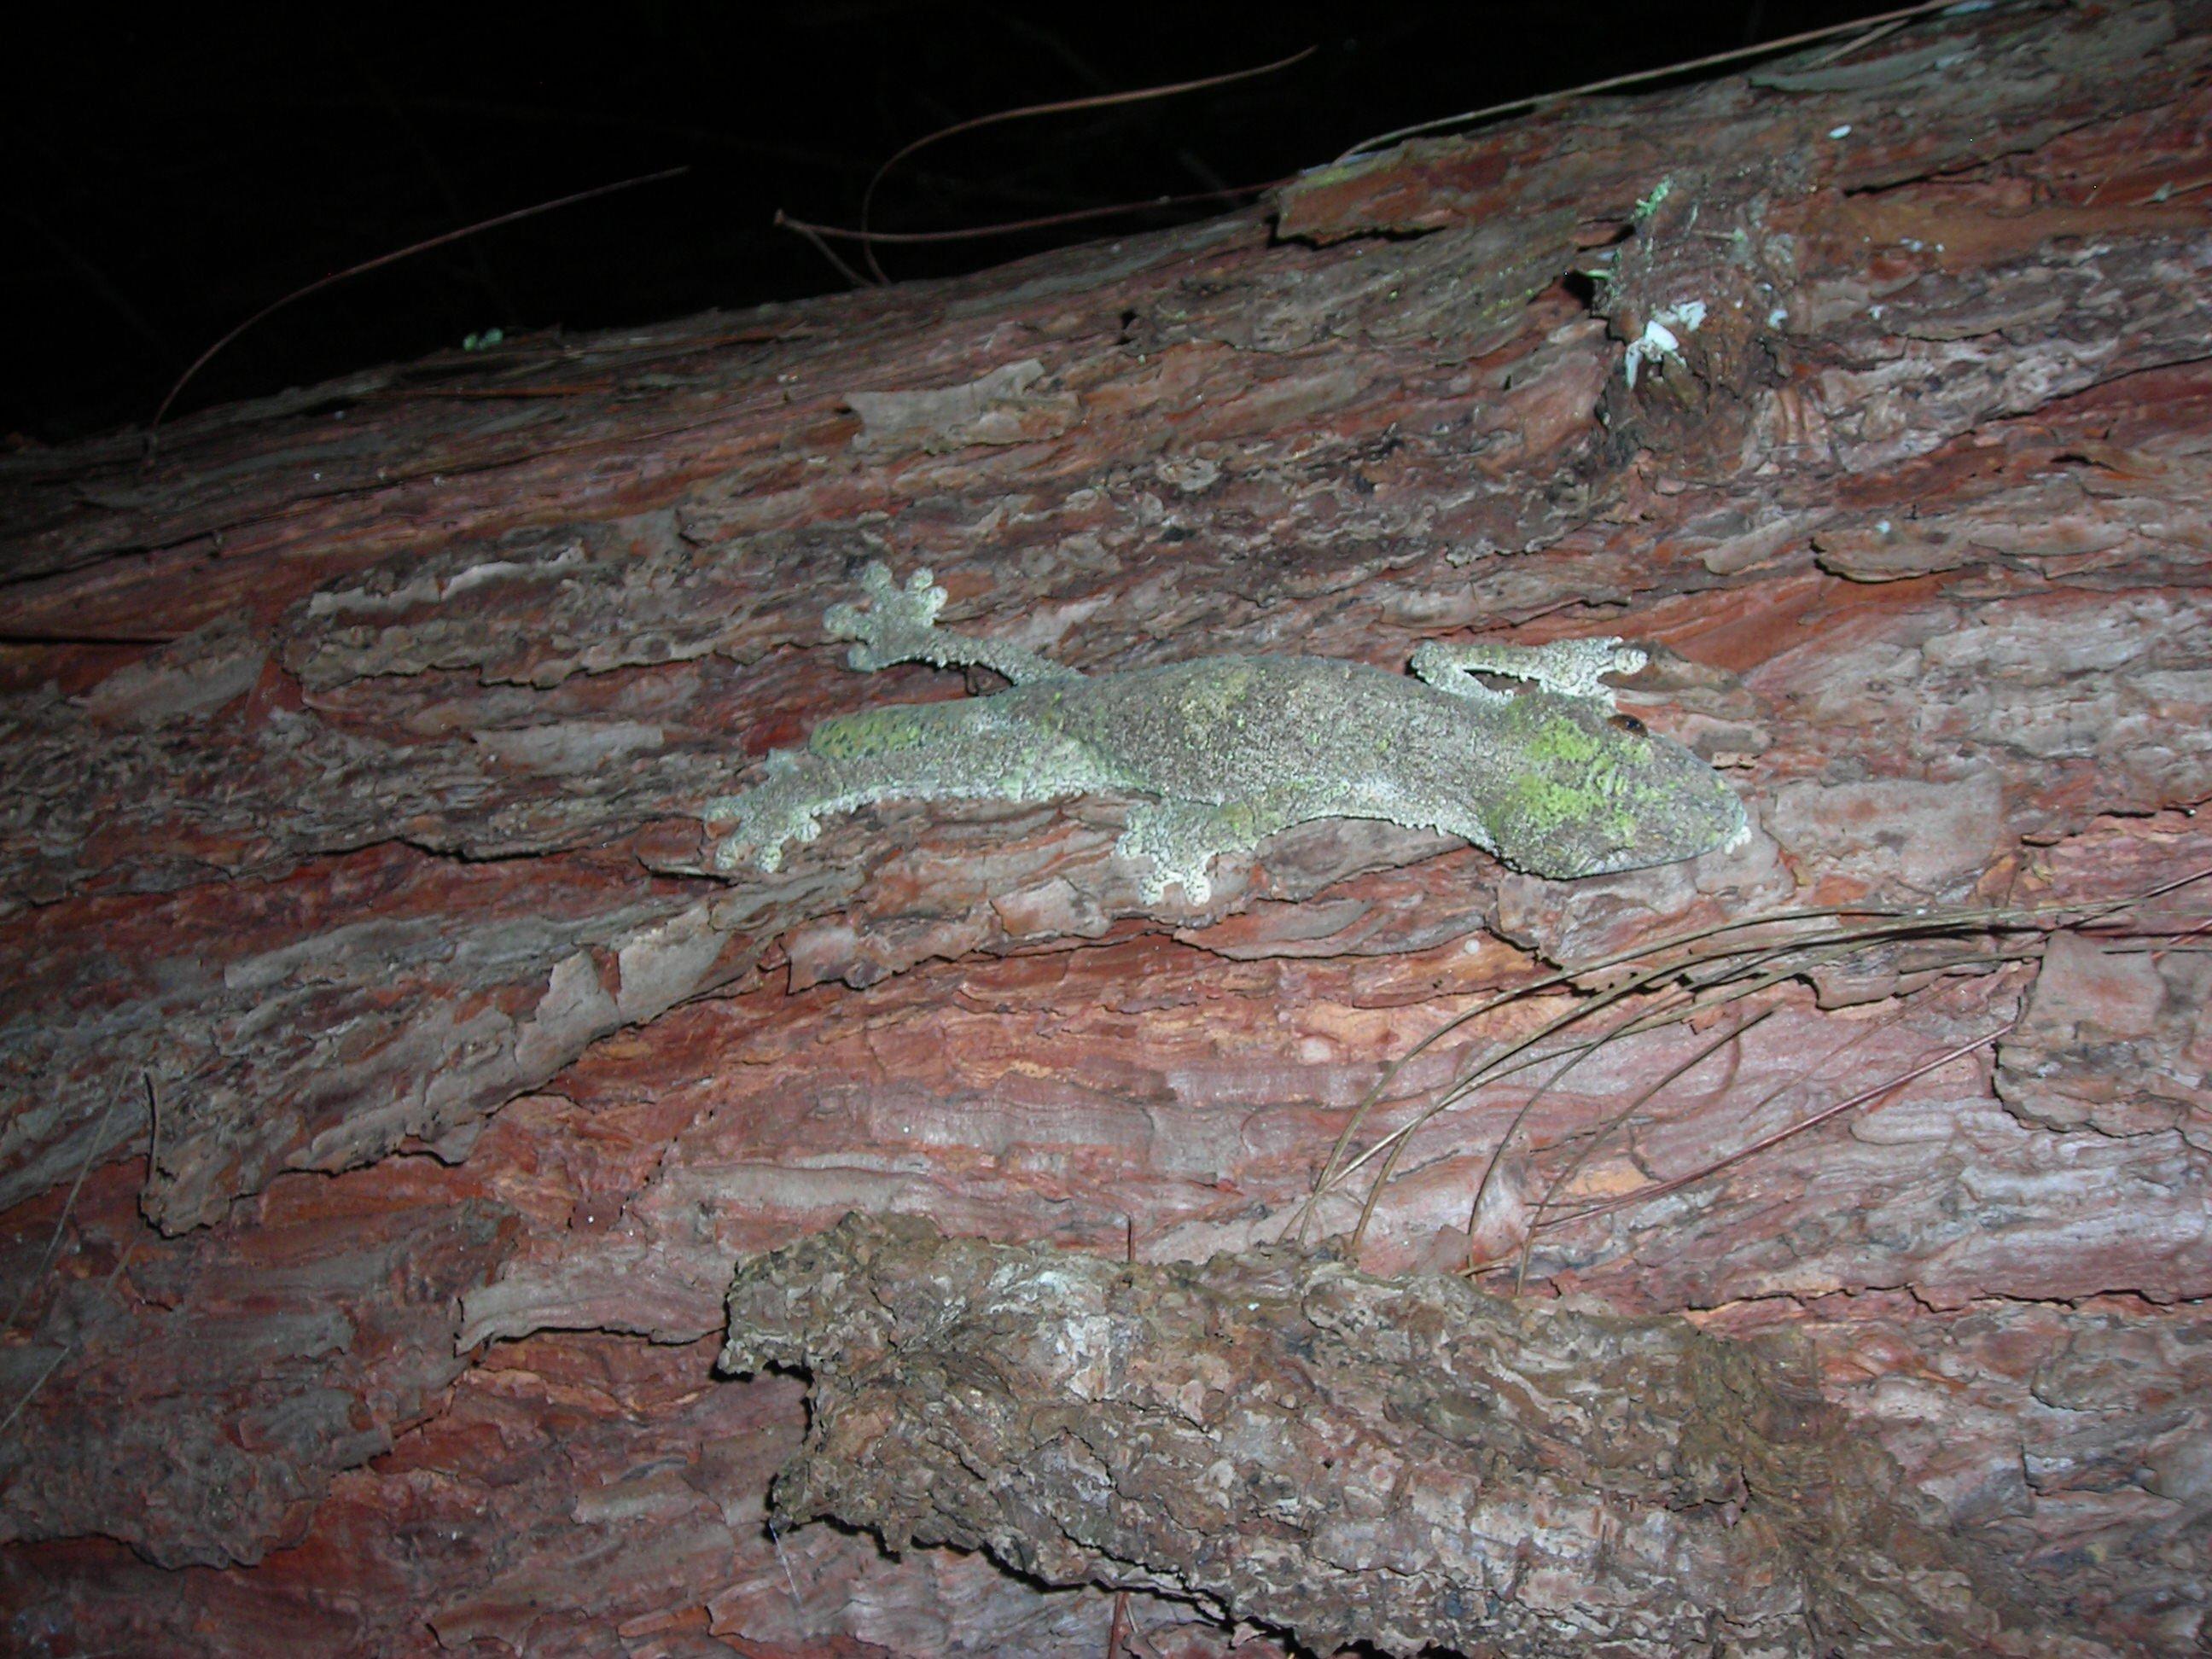 Gecko mit unpaarigen Beinen